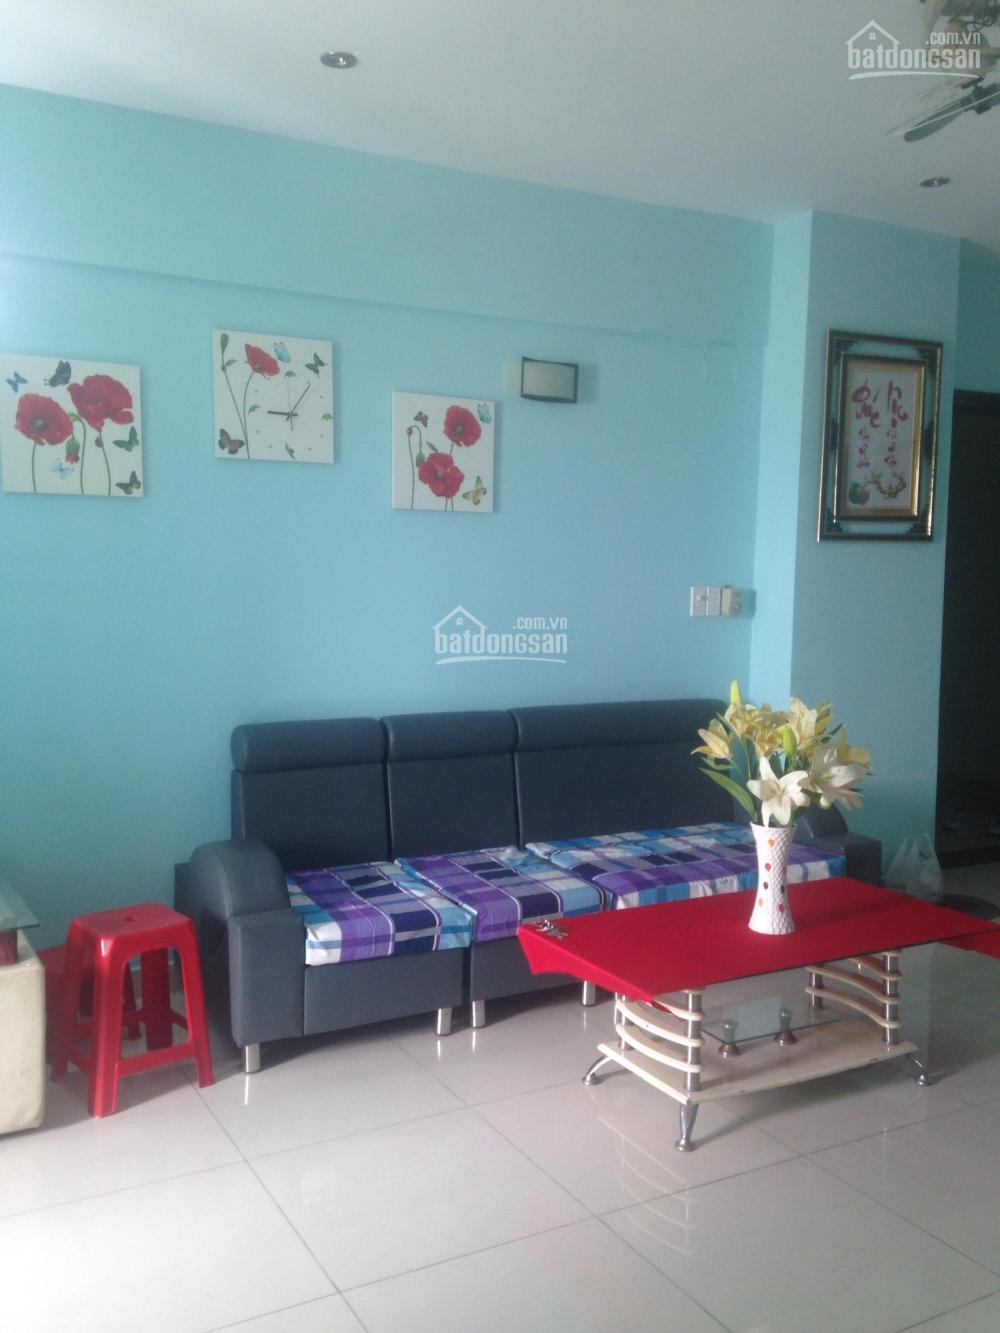 Cho thuê căn hộ Phú Thạnh, Q. Tân Phú, 82m2, 2PN, đầy đủ nội thất, giá 8tr/th, nhà thoáng mát